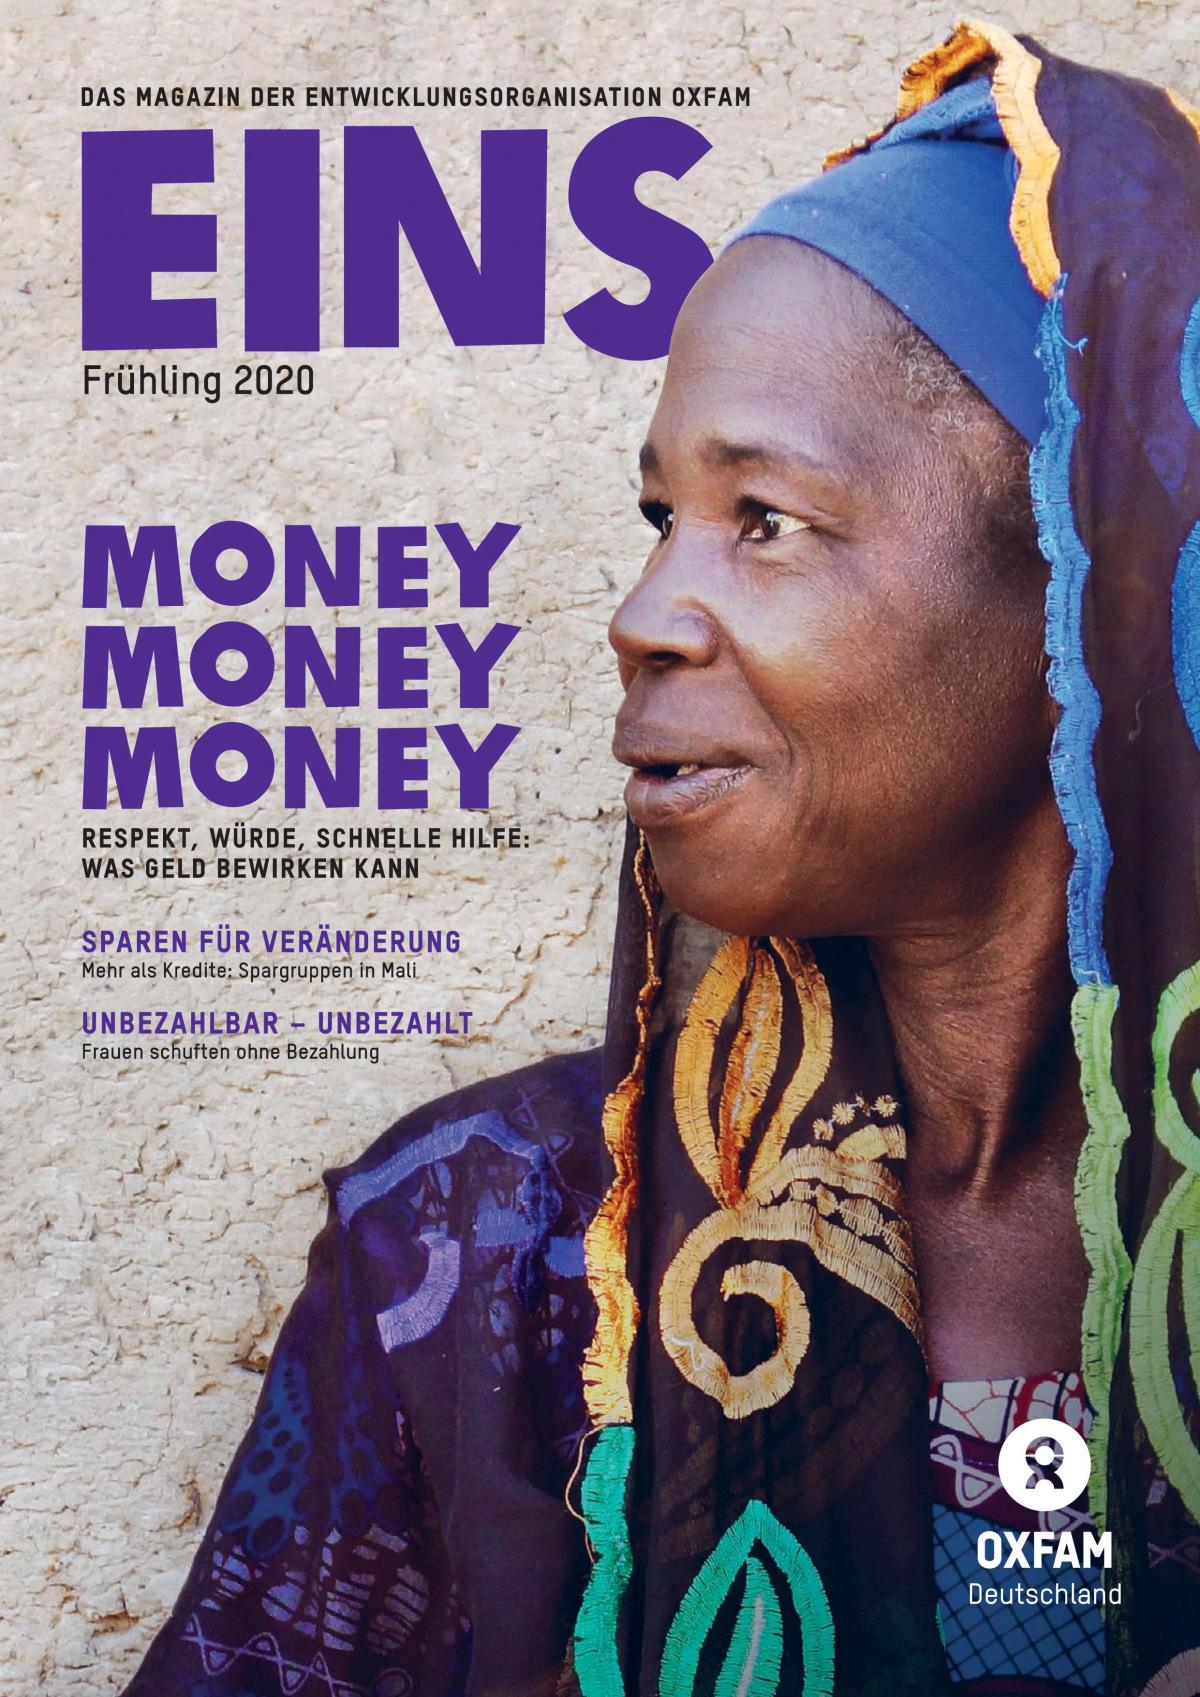 Titelbild der EINS-Frühlingsausgabe 2020